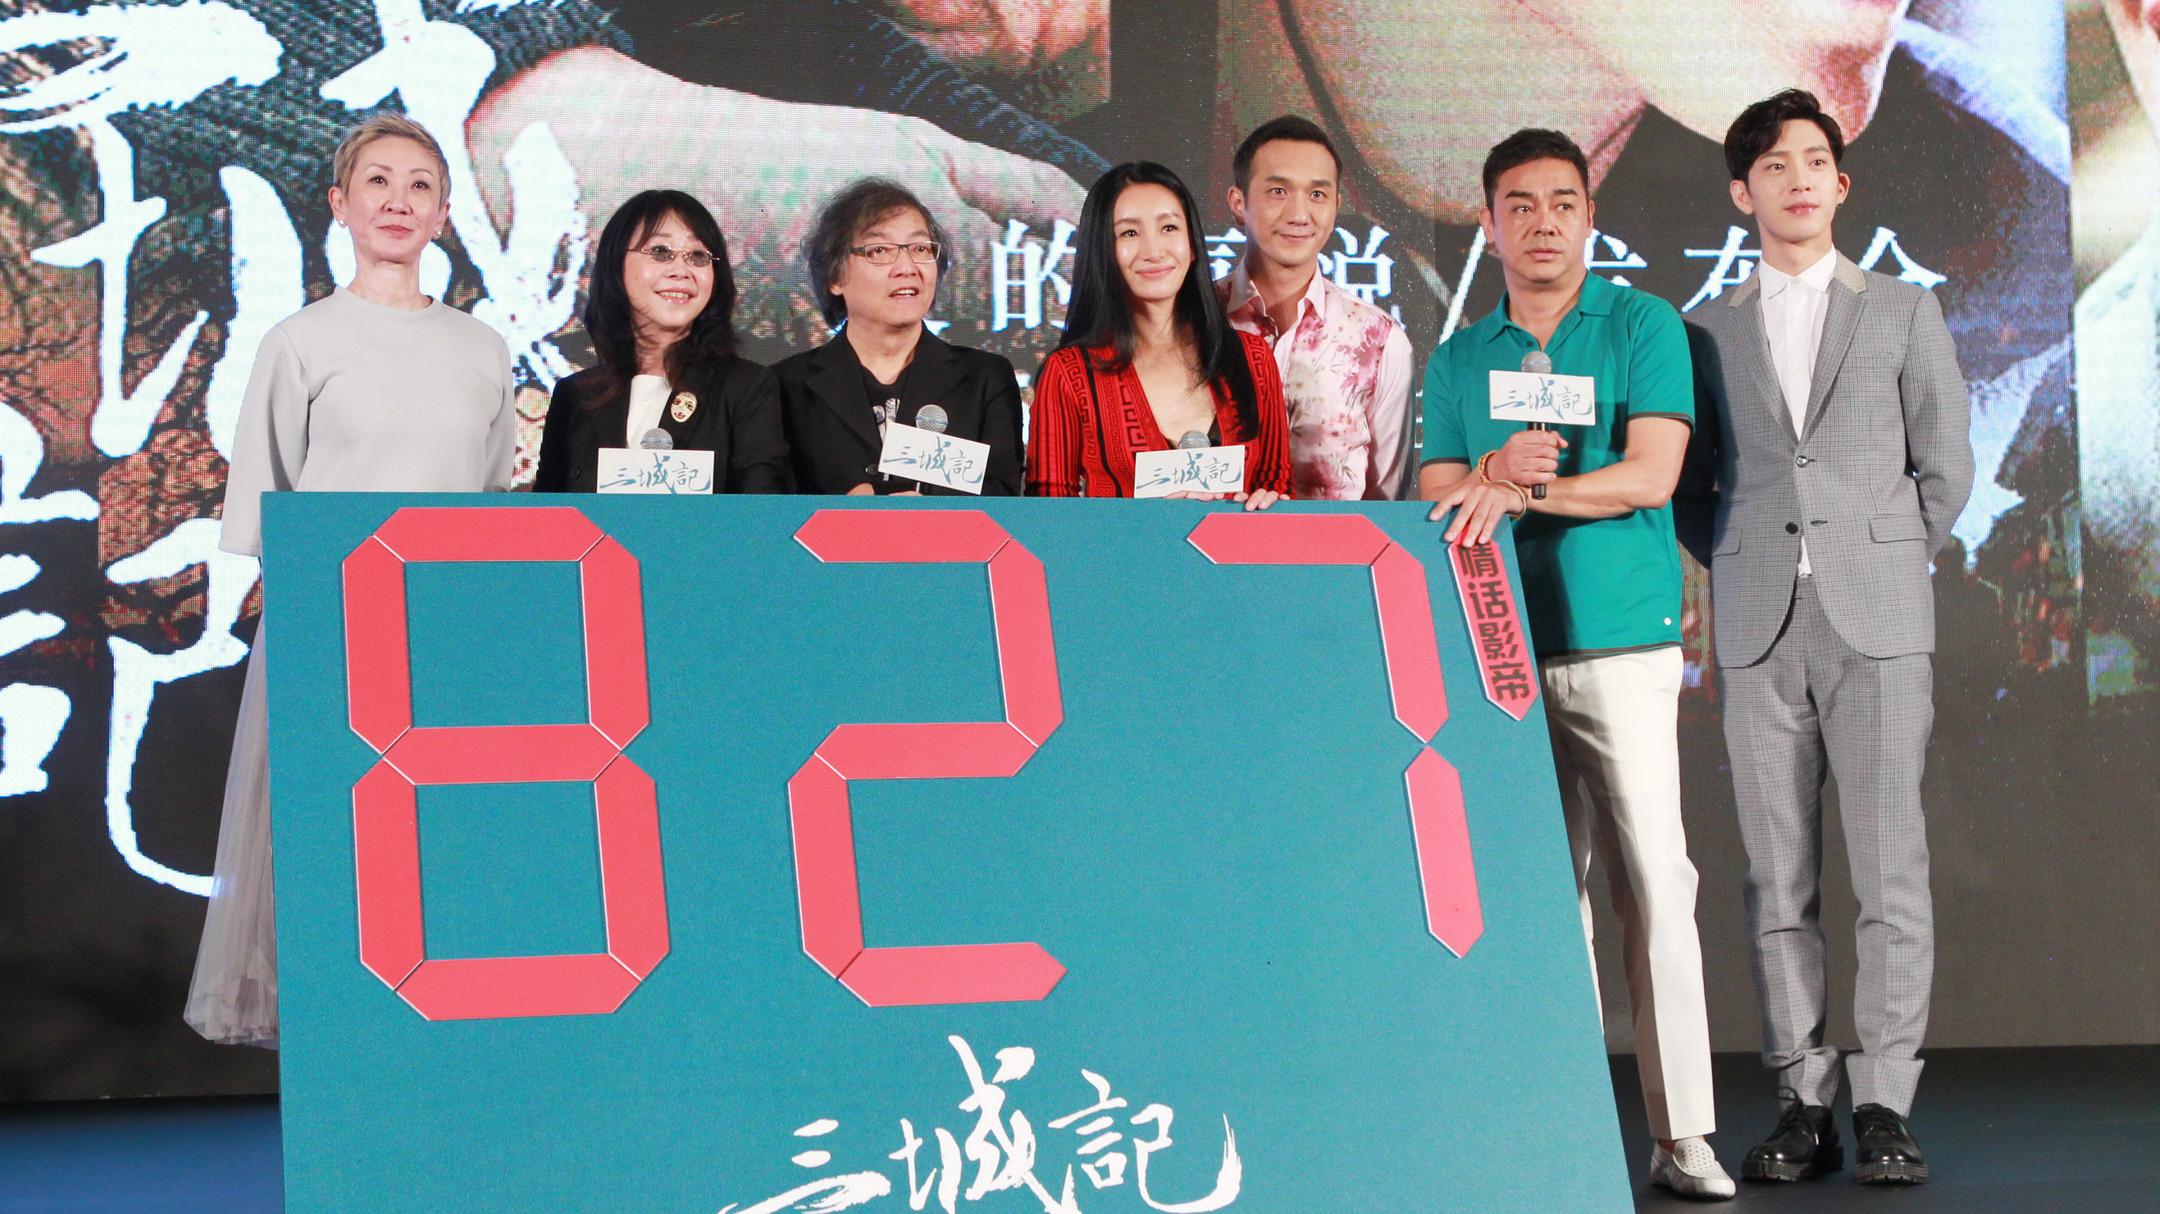 《三城记》提档8.27 刘青云汤唯演绎爱情故事